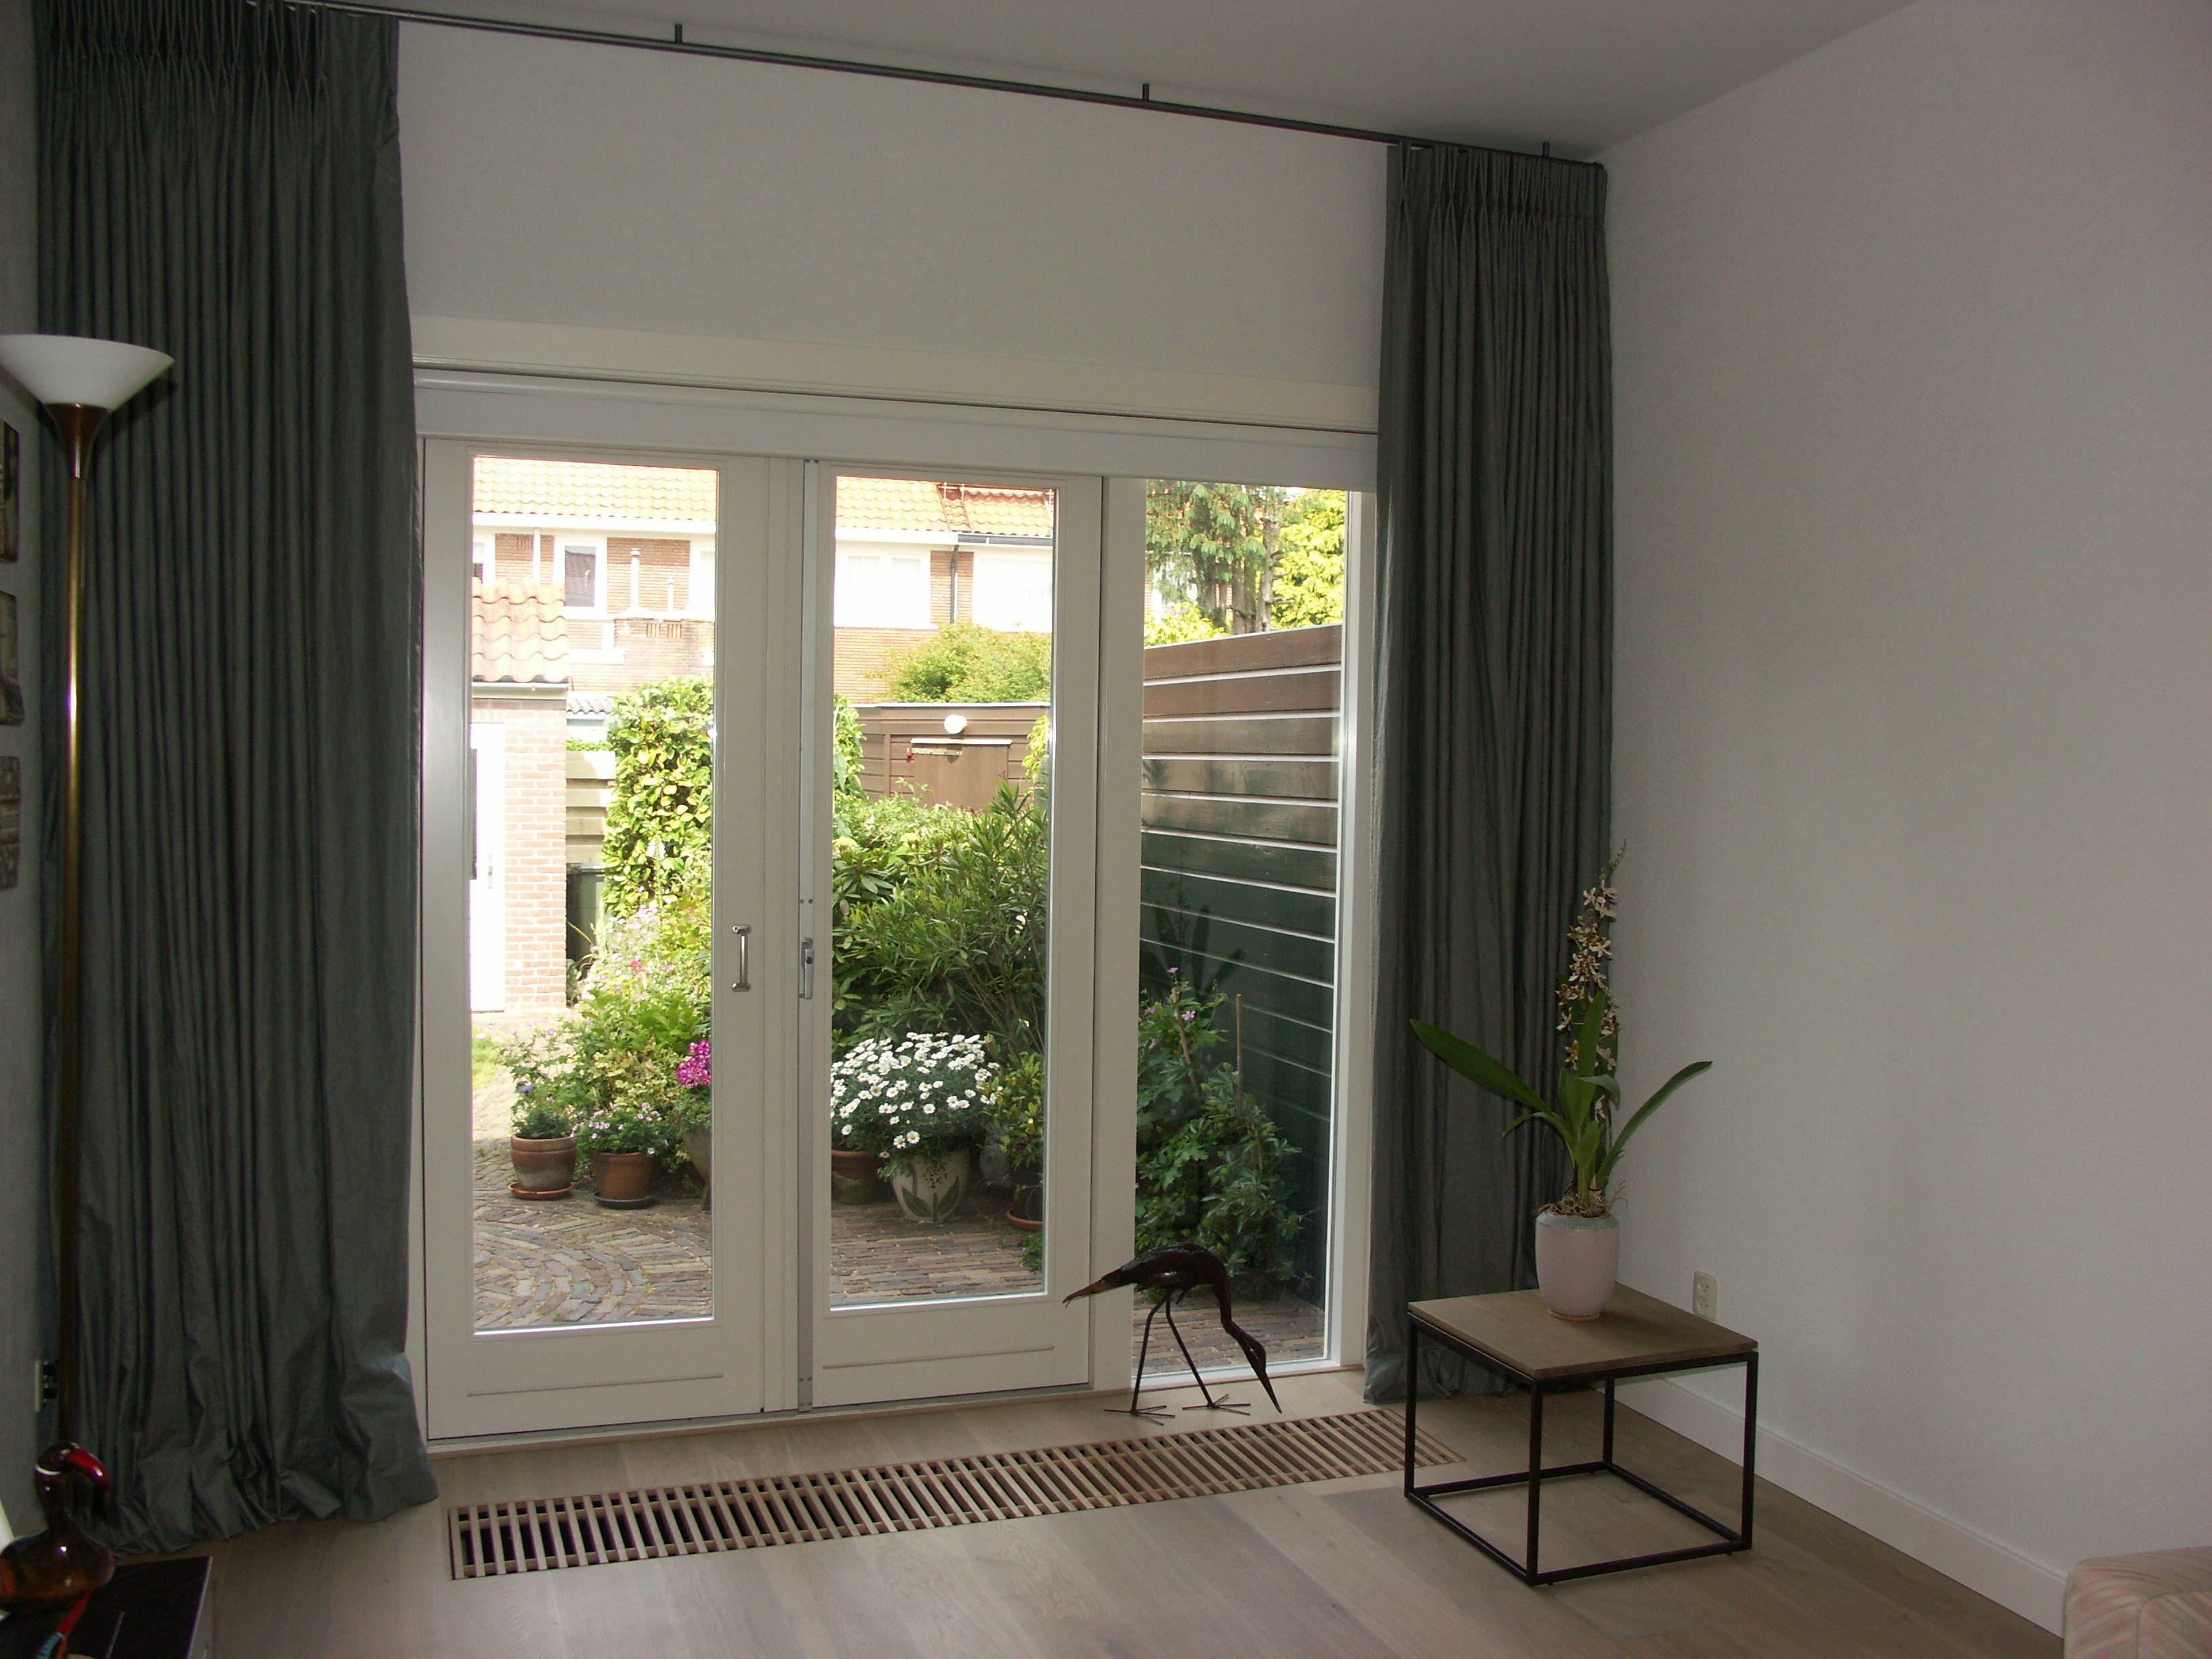 10x Mooie Gordijnen : Pin van windt interieur op gordijnen gordijnen